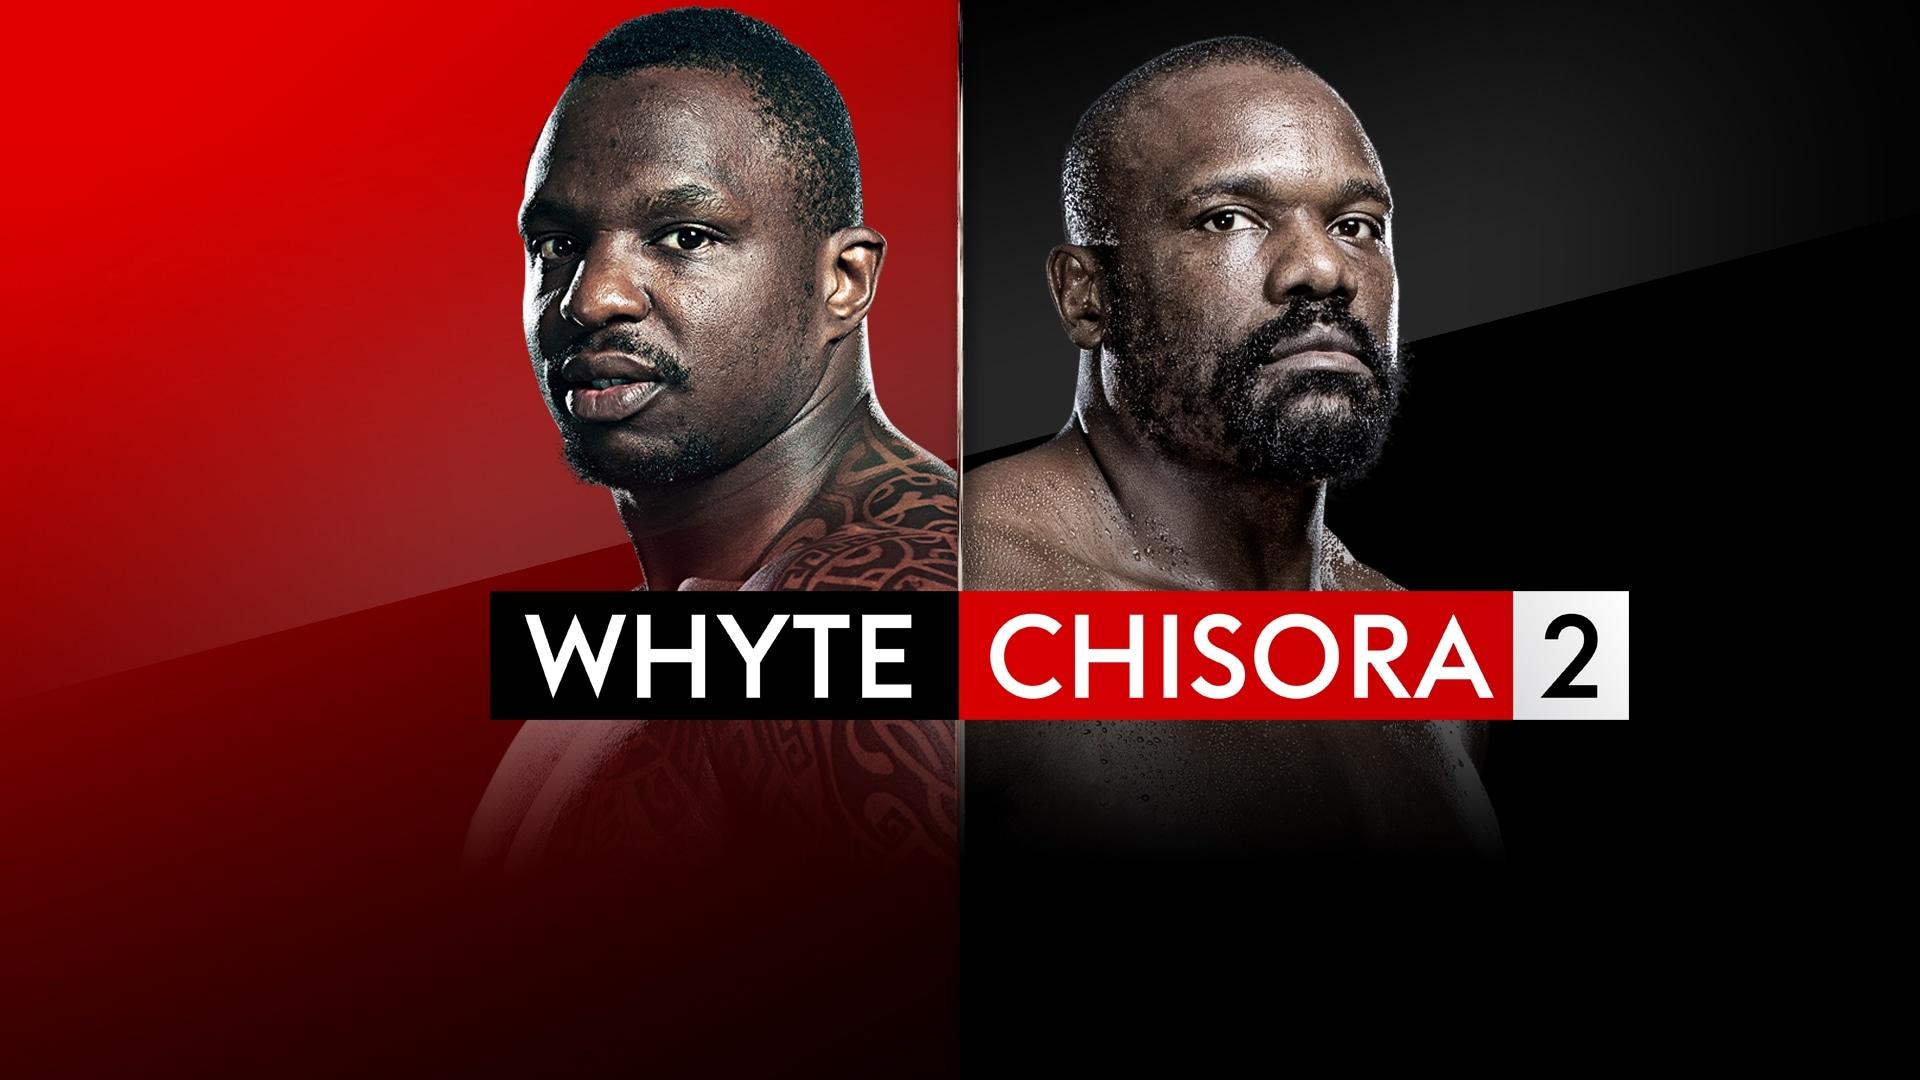 Whyte vs Chisora 2